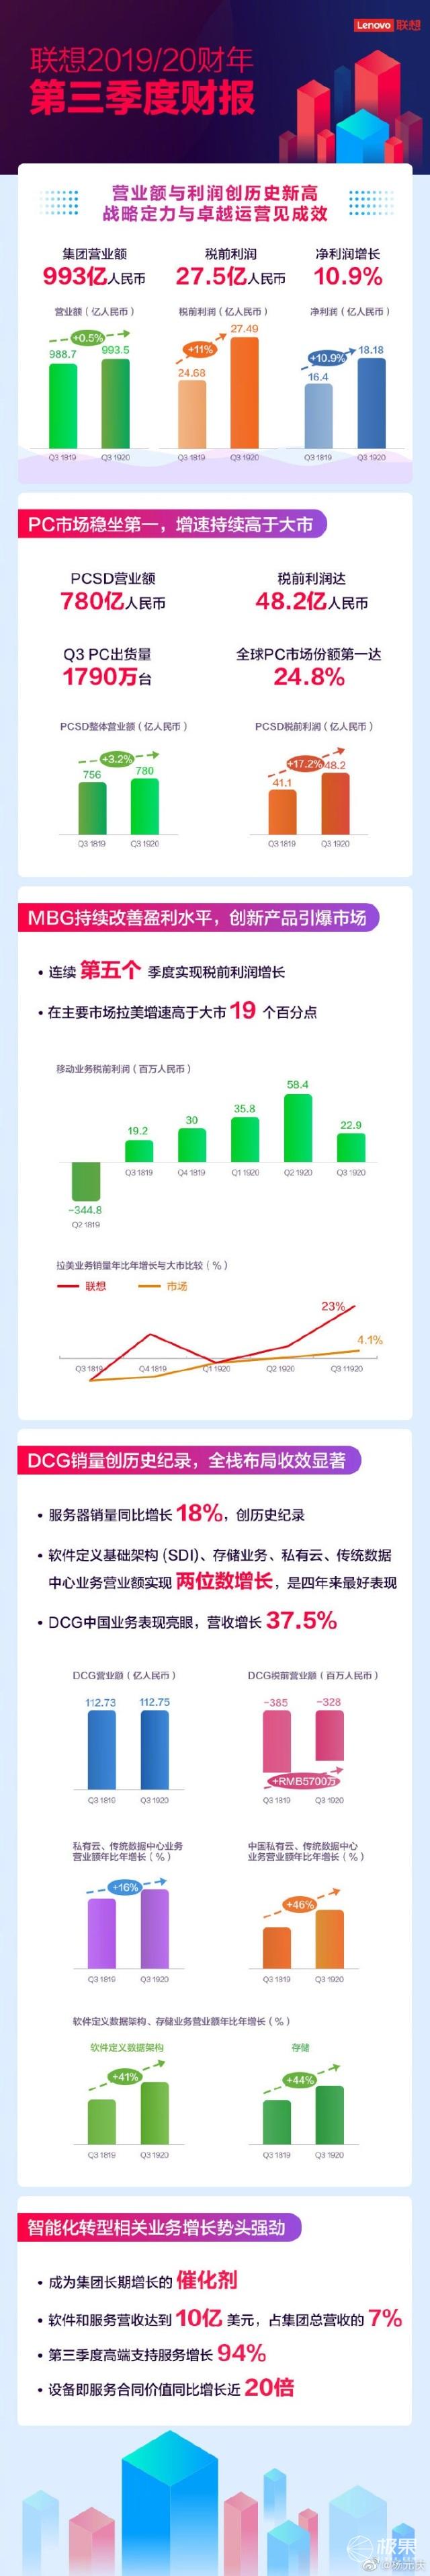 联想发布第三财季财报:PC业务稳居全球第一,手机重返高端市场